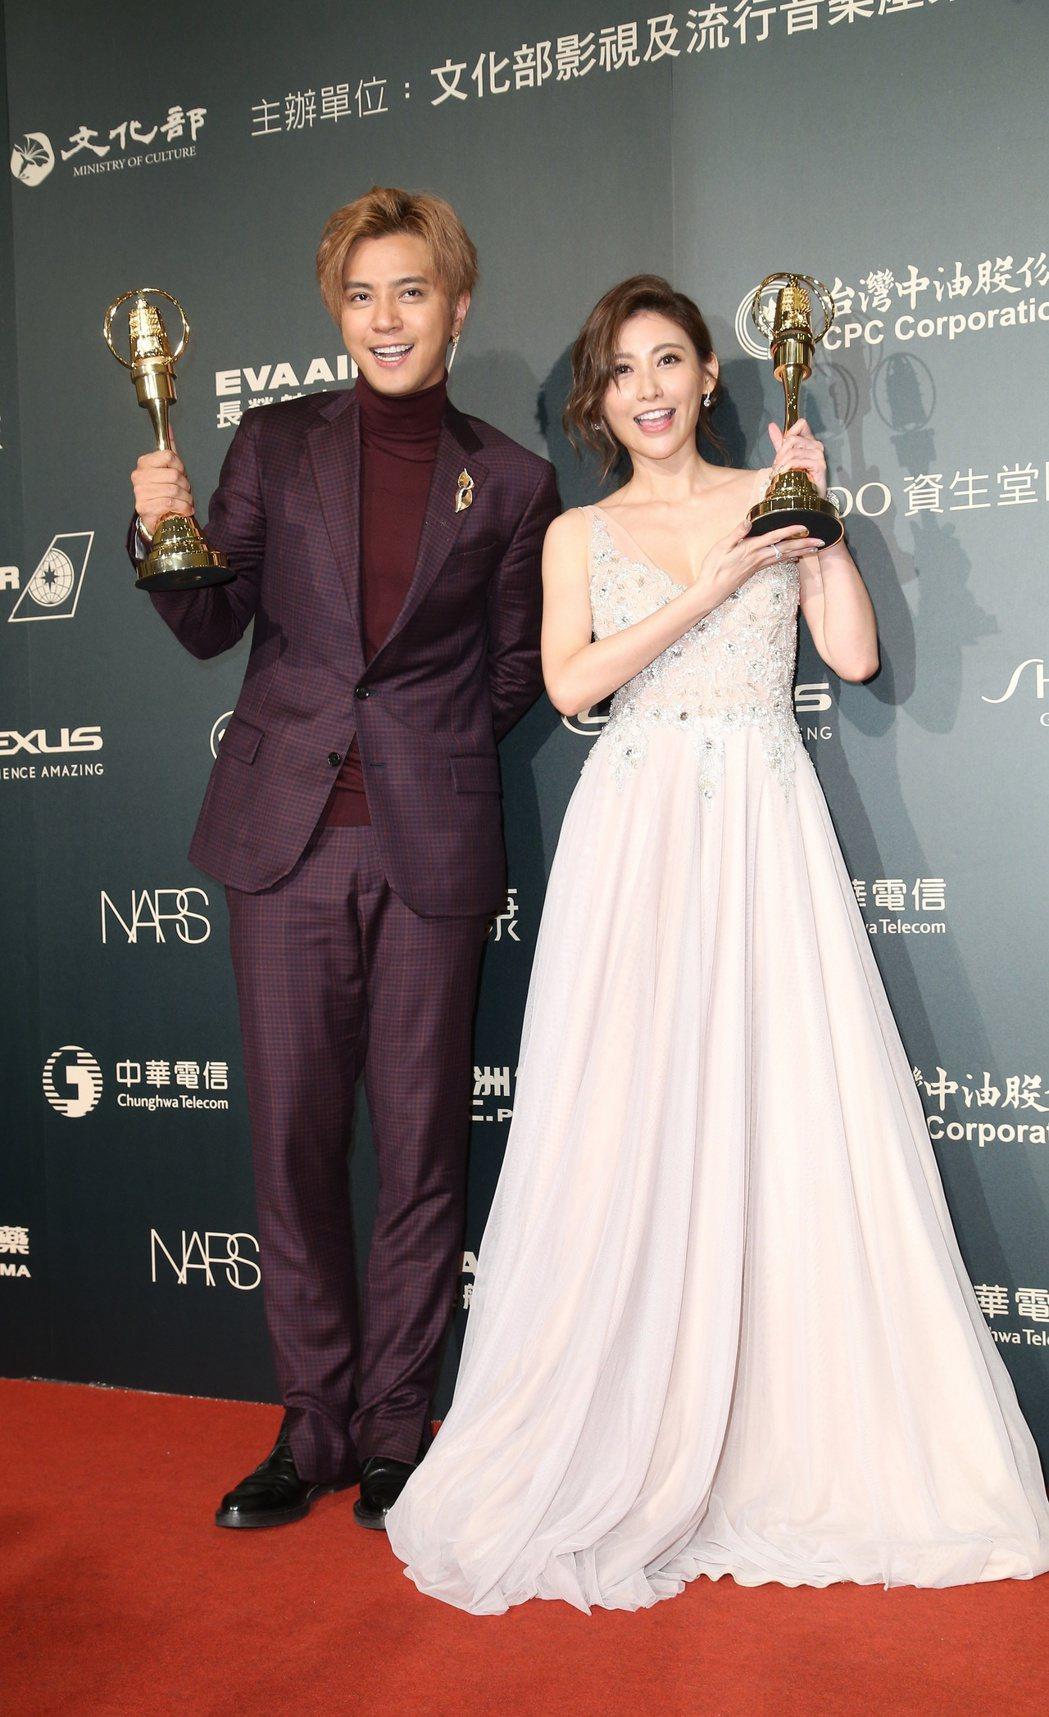 羅志祥(左)與愷樂(右)獲得金鐘綜藝節目主持人獎。記者陳立凱/攝影